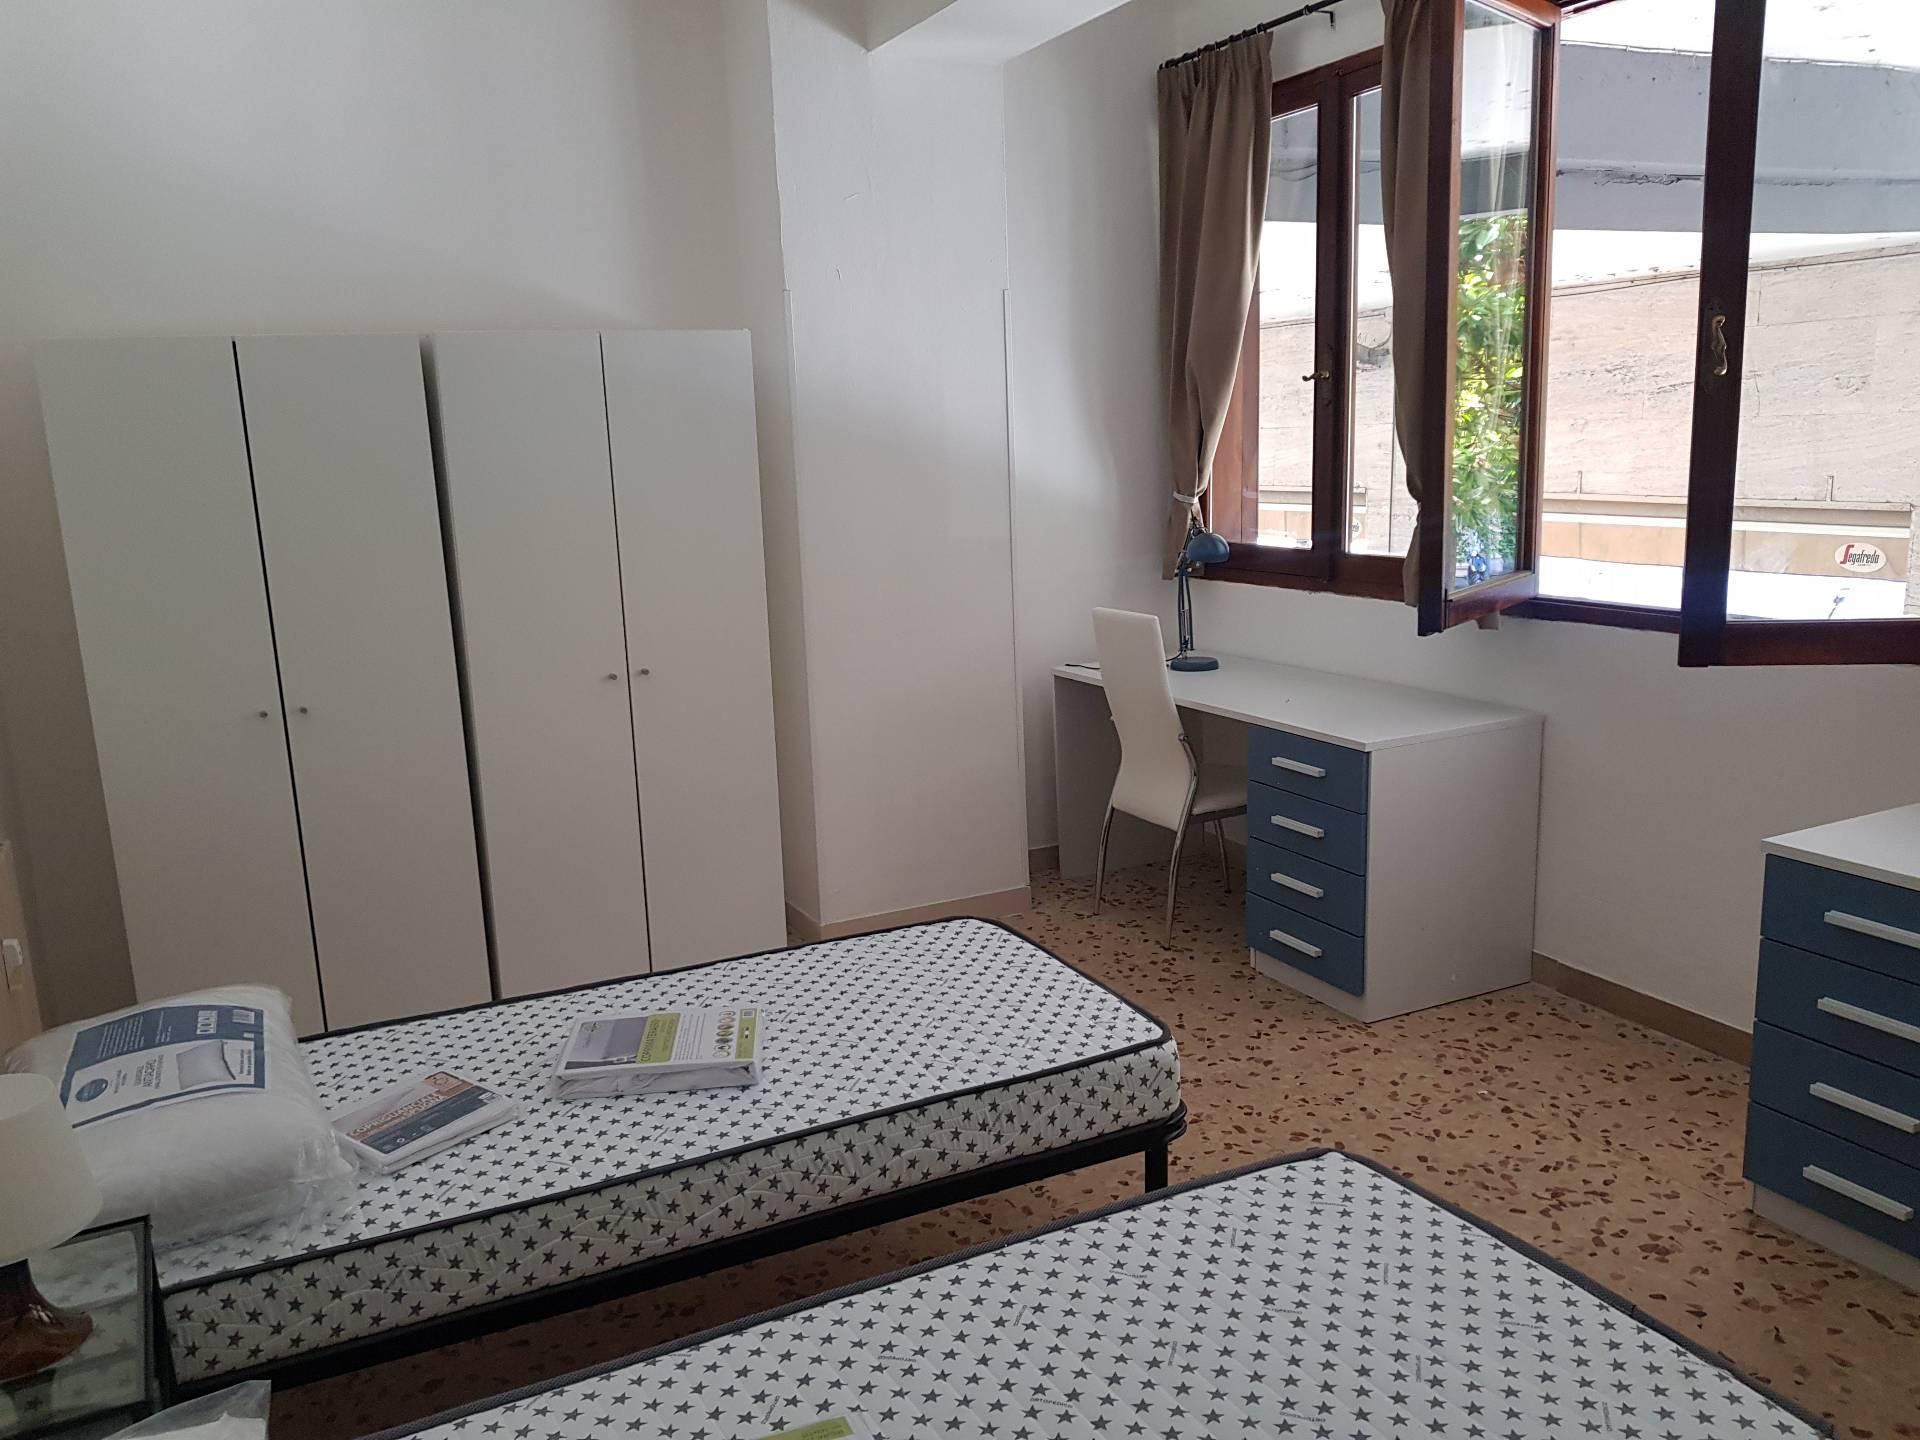 Appartamento in affitto a Stazione, Pisa